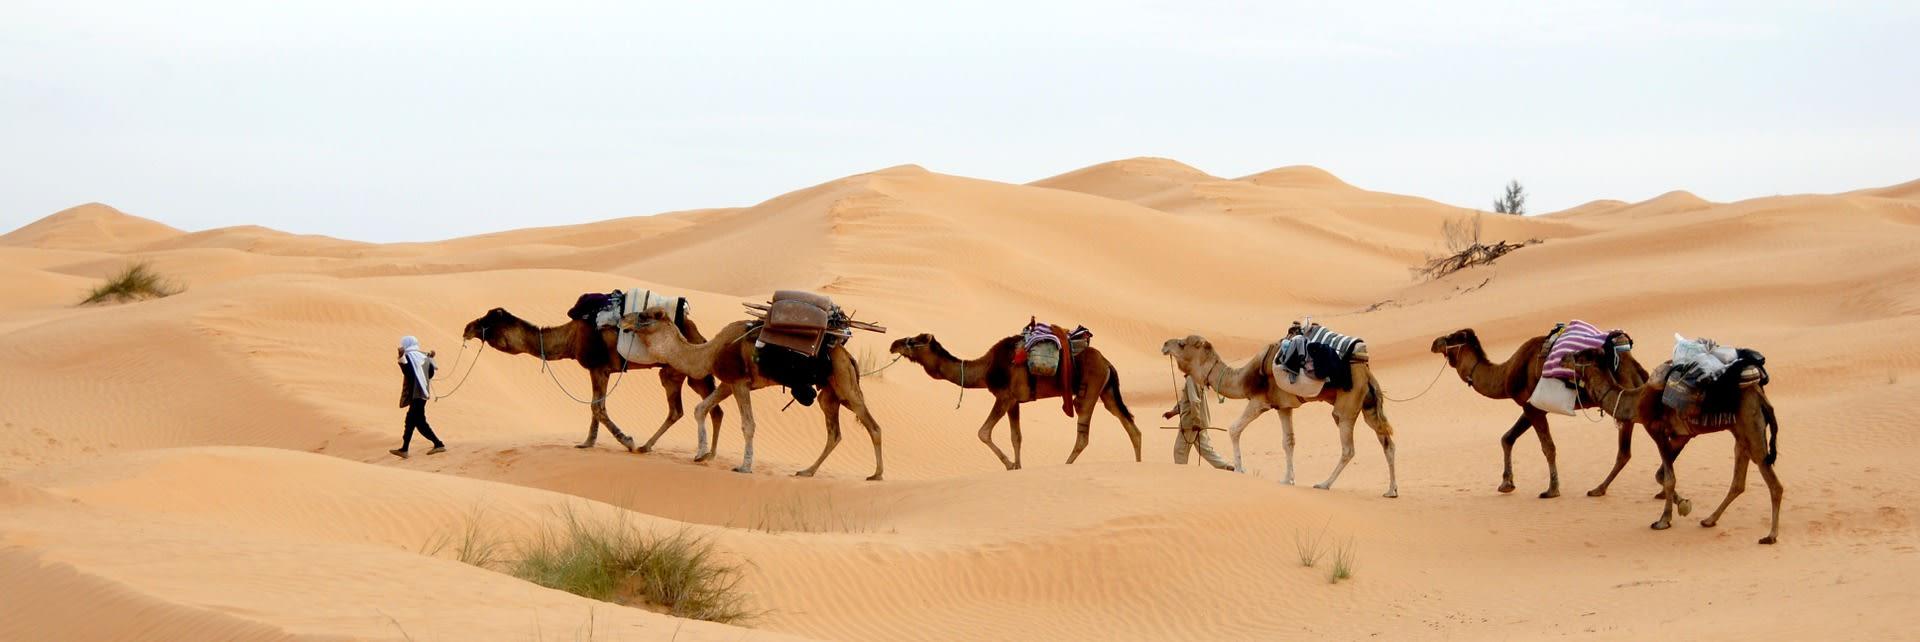 Camel riding in the desert